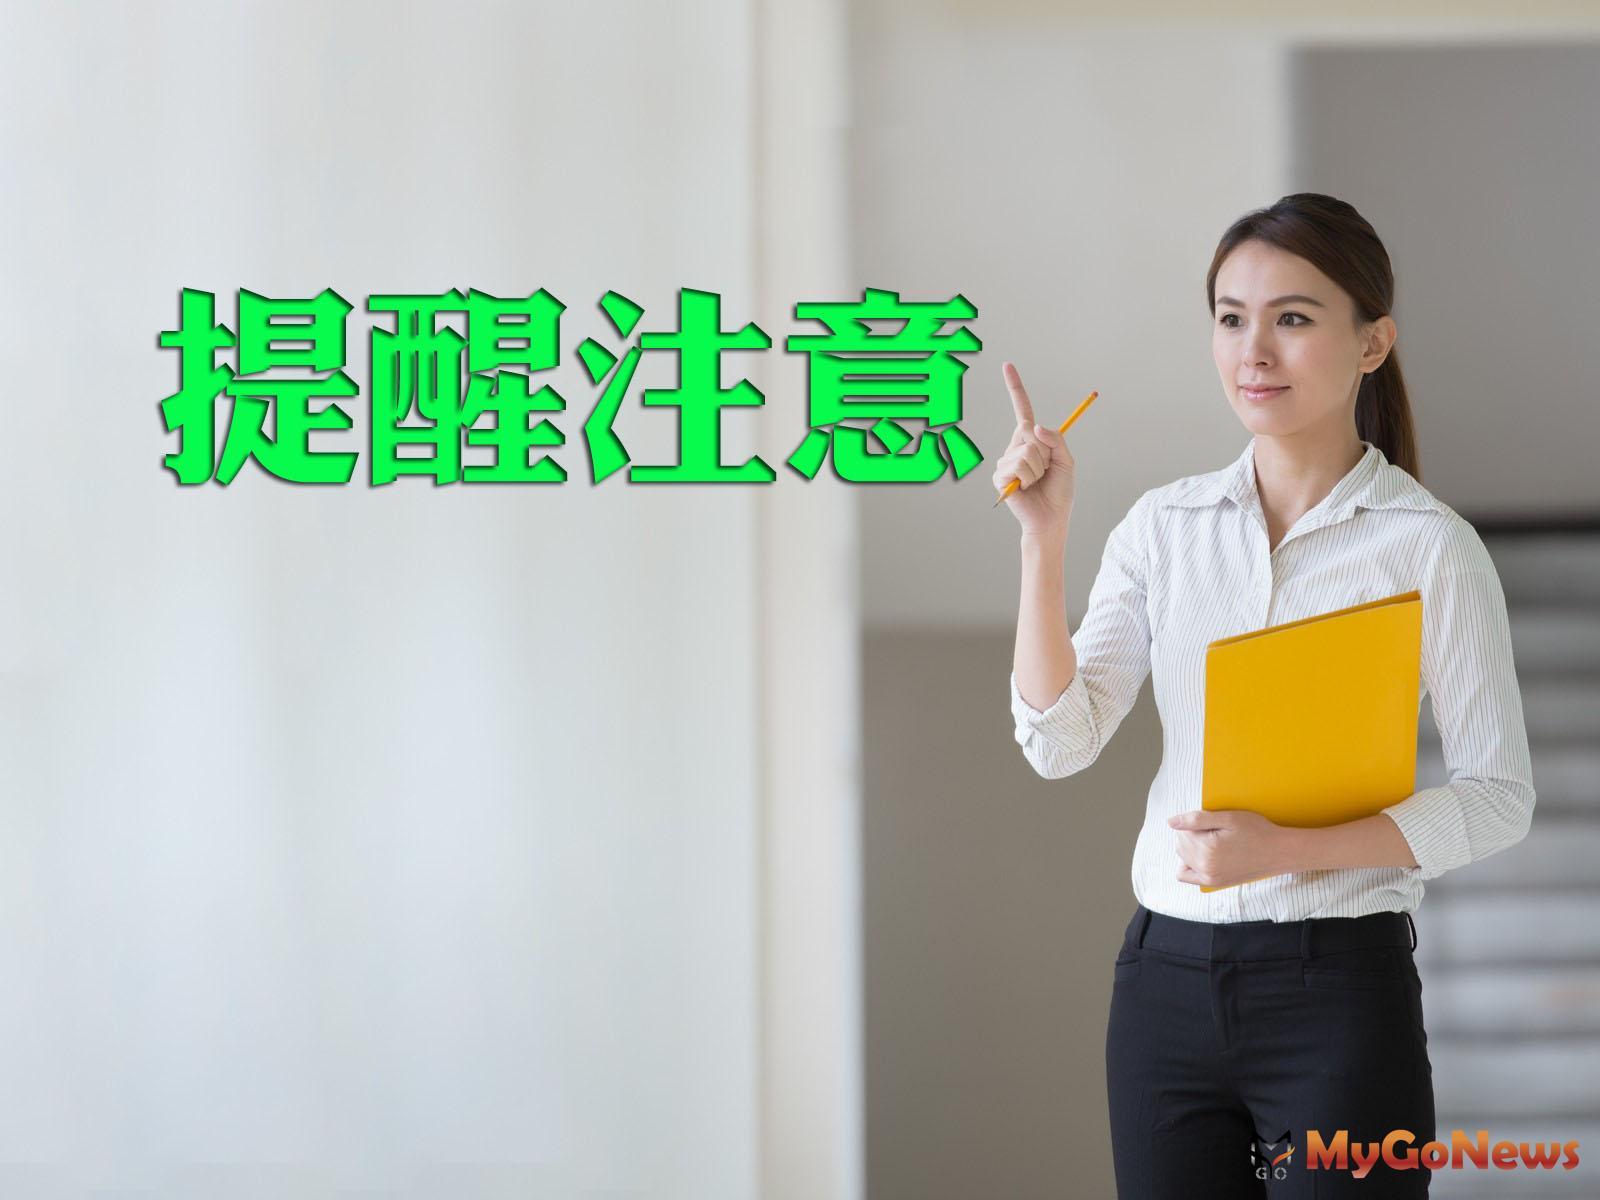 內政部:新制預售屋買賣契約 2021年元旦上路 消費者權益更有保障 MyGoNews房地產新聞 市場快訊